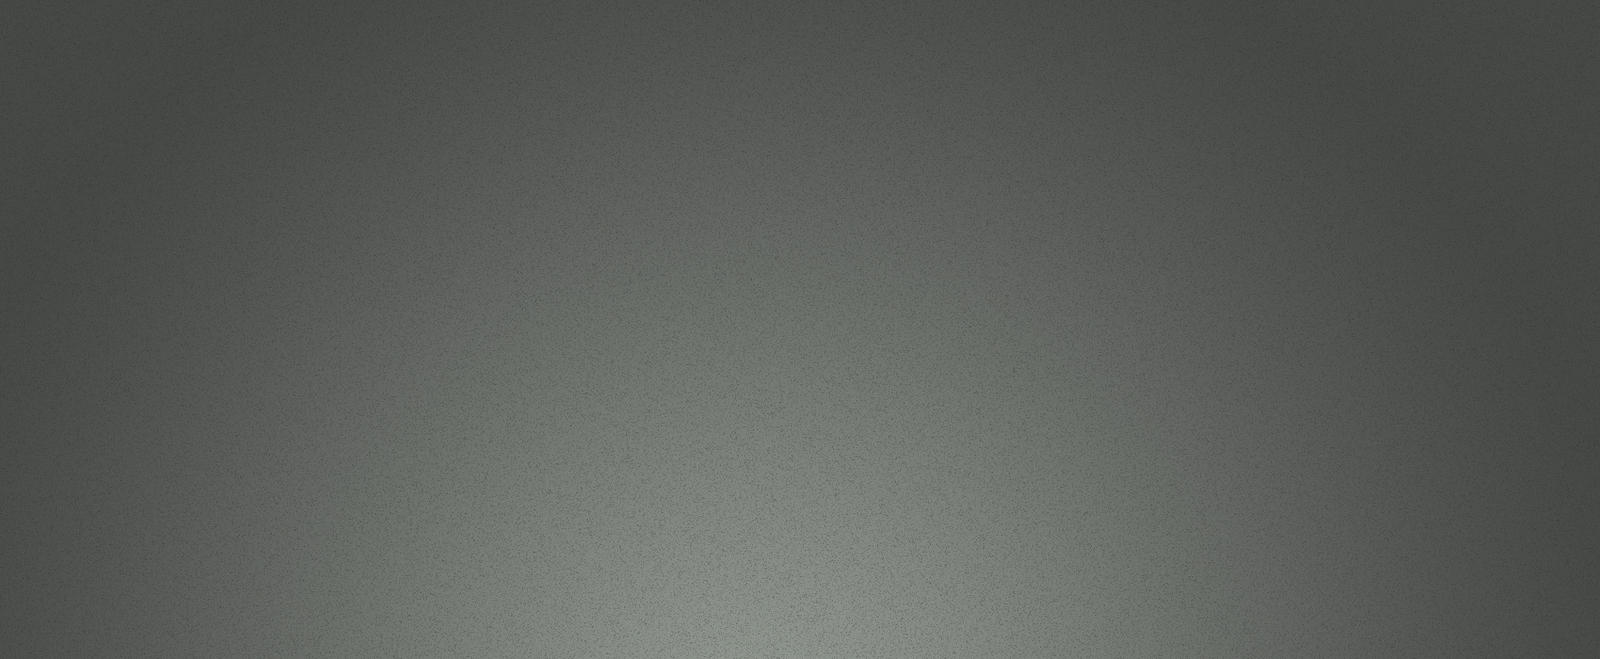 gray website background by maruron on deviantart